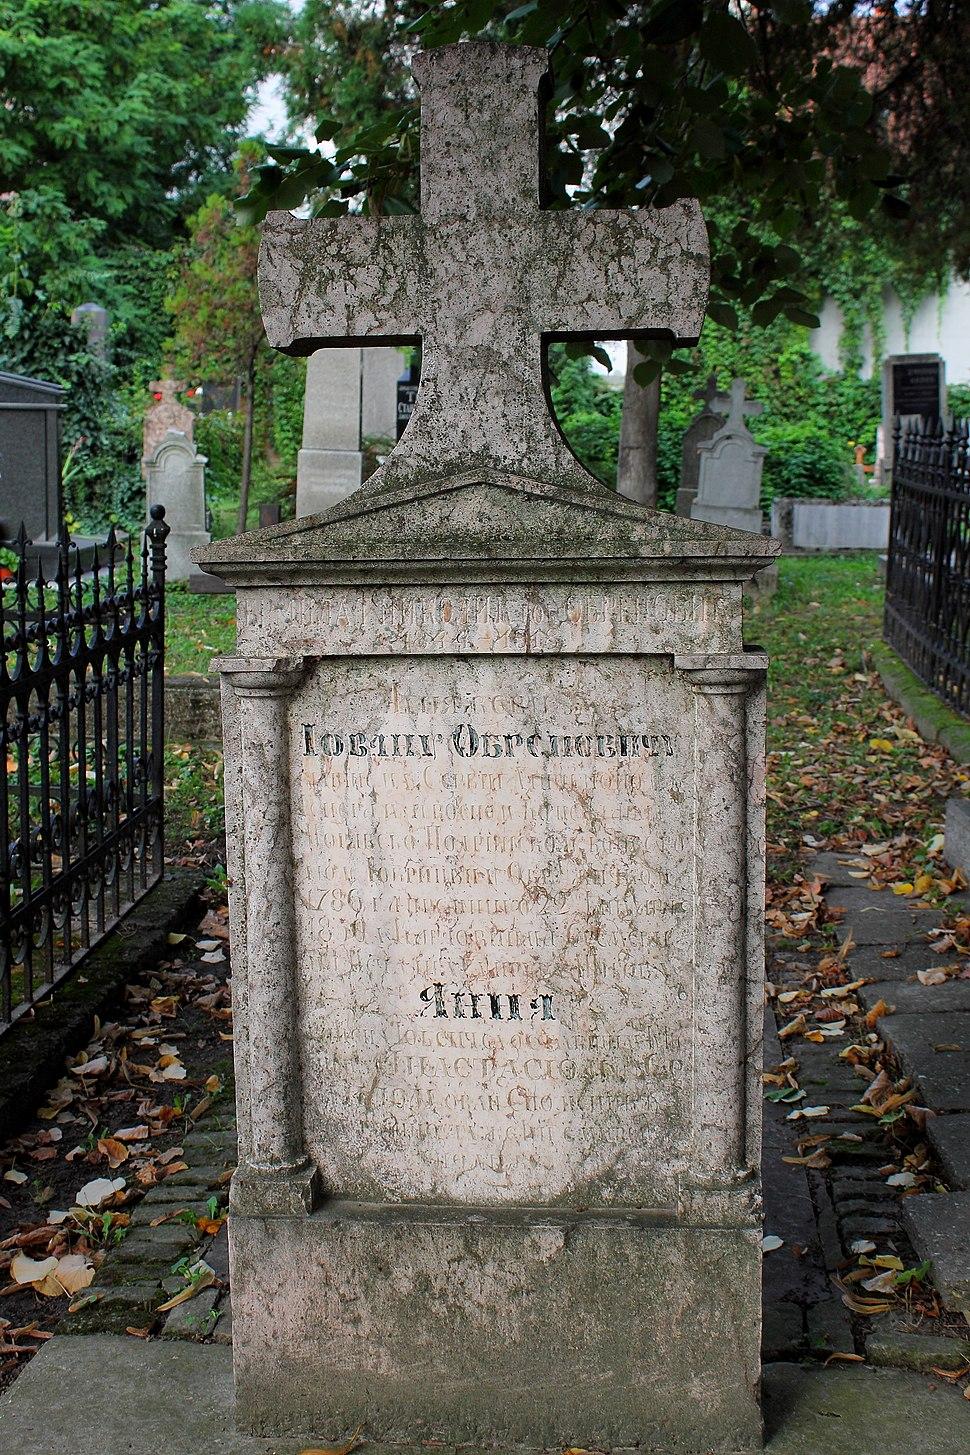 Стари споменик од ружичастог камена са крстом Јована Обреновића